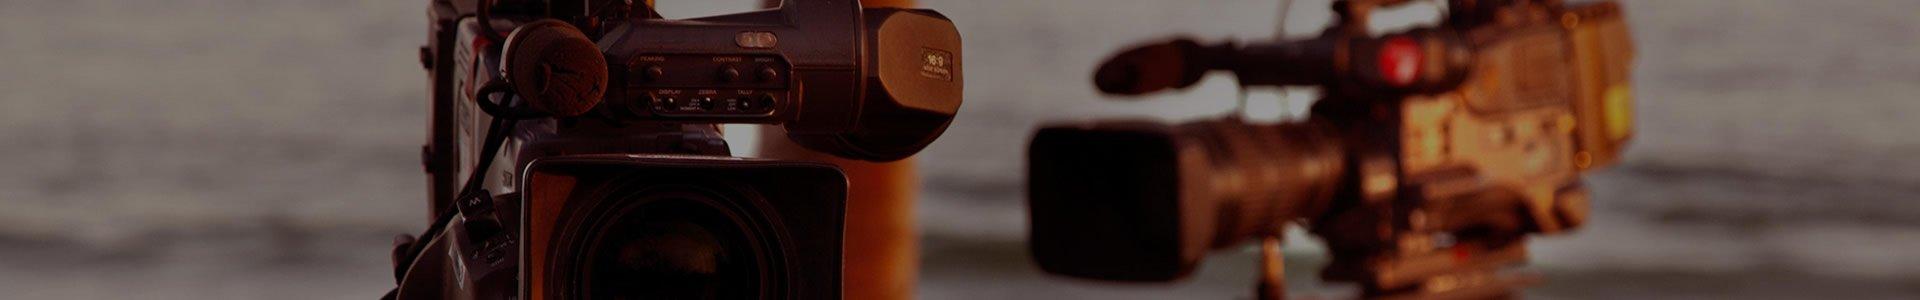 Long Xiang Optics-Best Reflex Dot Sight Holographic Reflex Sight   Oem Service